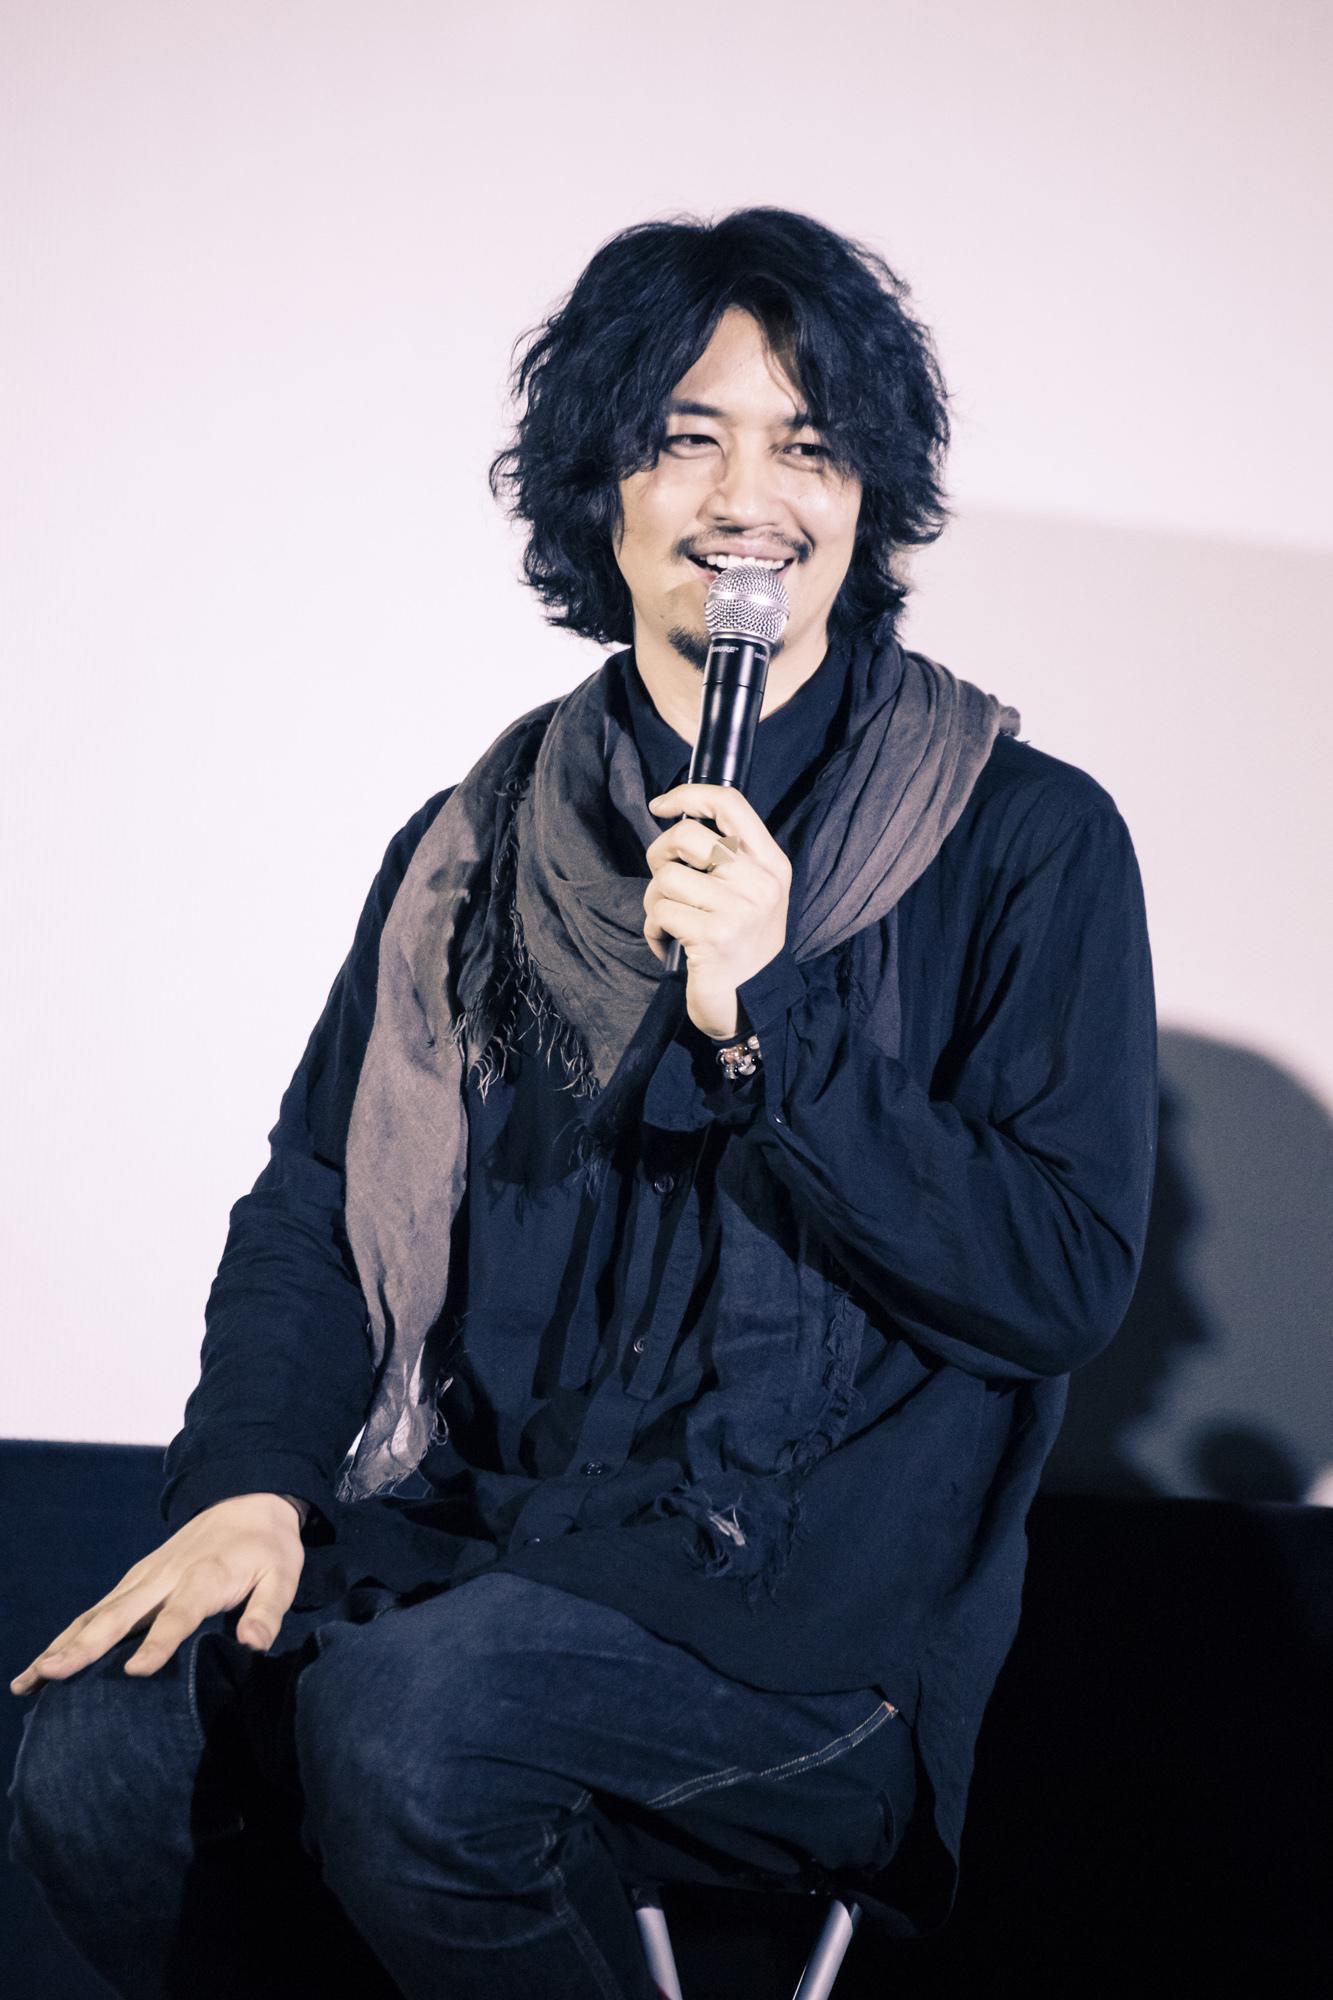 齊藤工(斎藤工) Photo=田中聖太郎